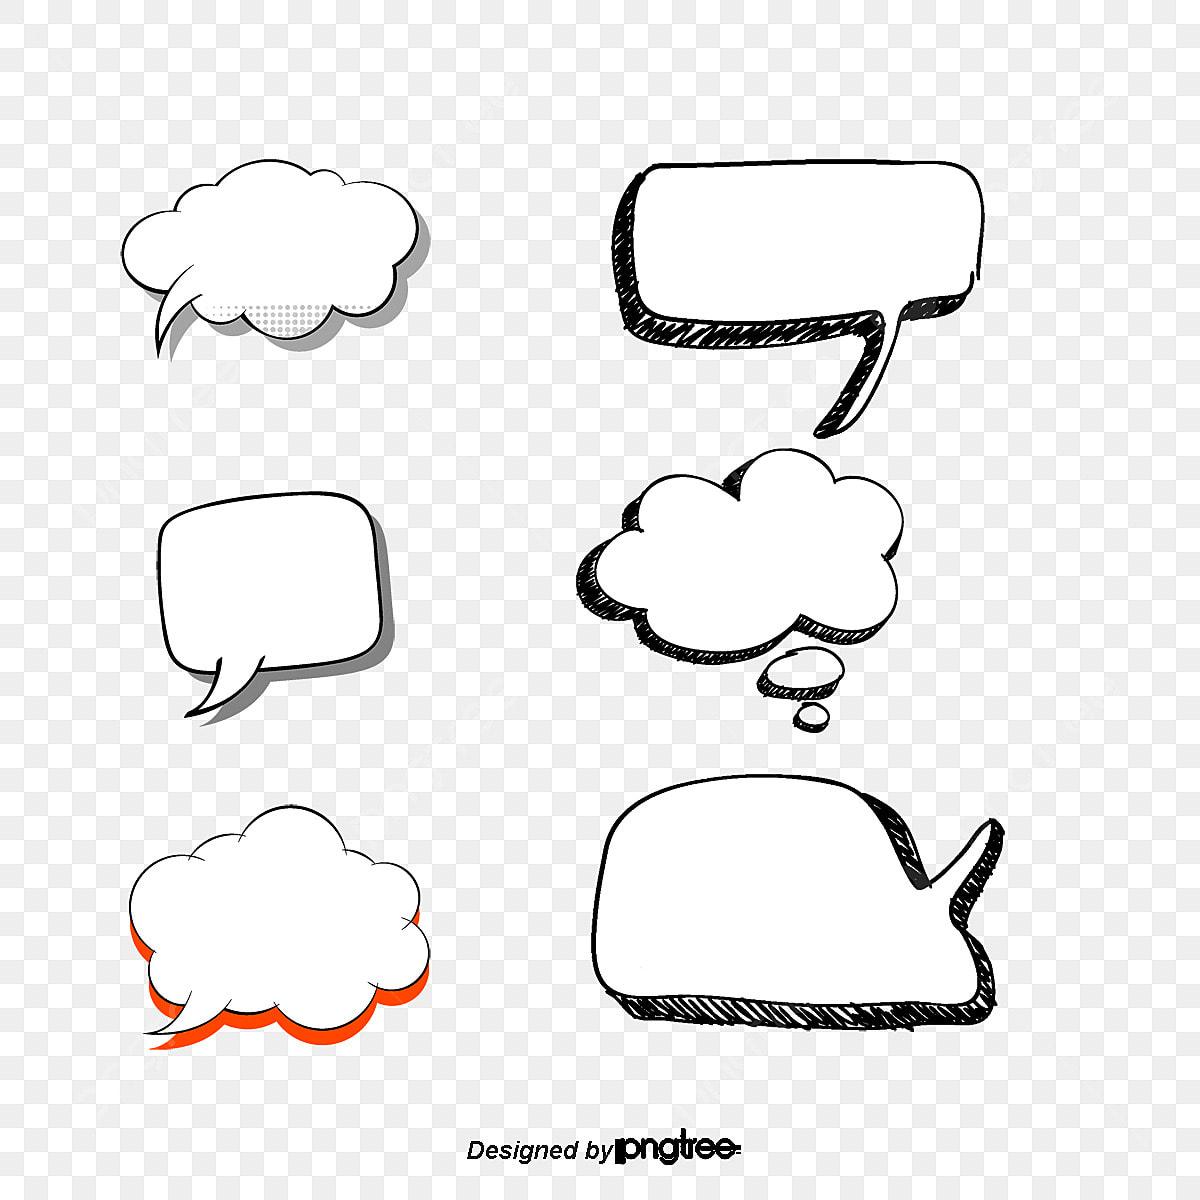 cadre de page de message jolie  u00e9tiquette simple page web